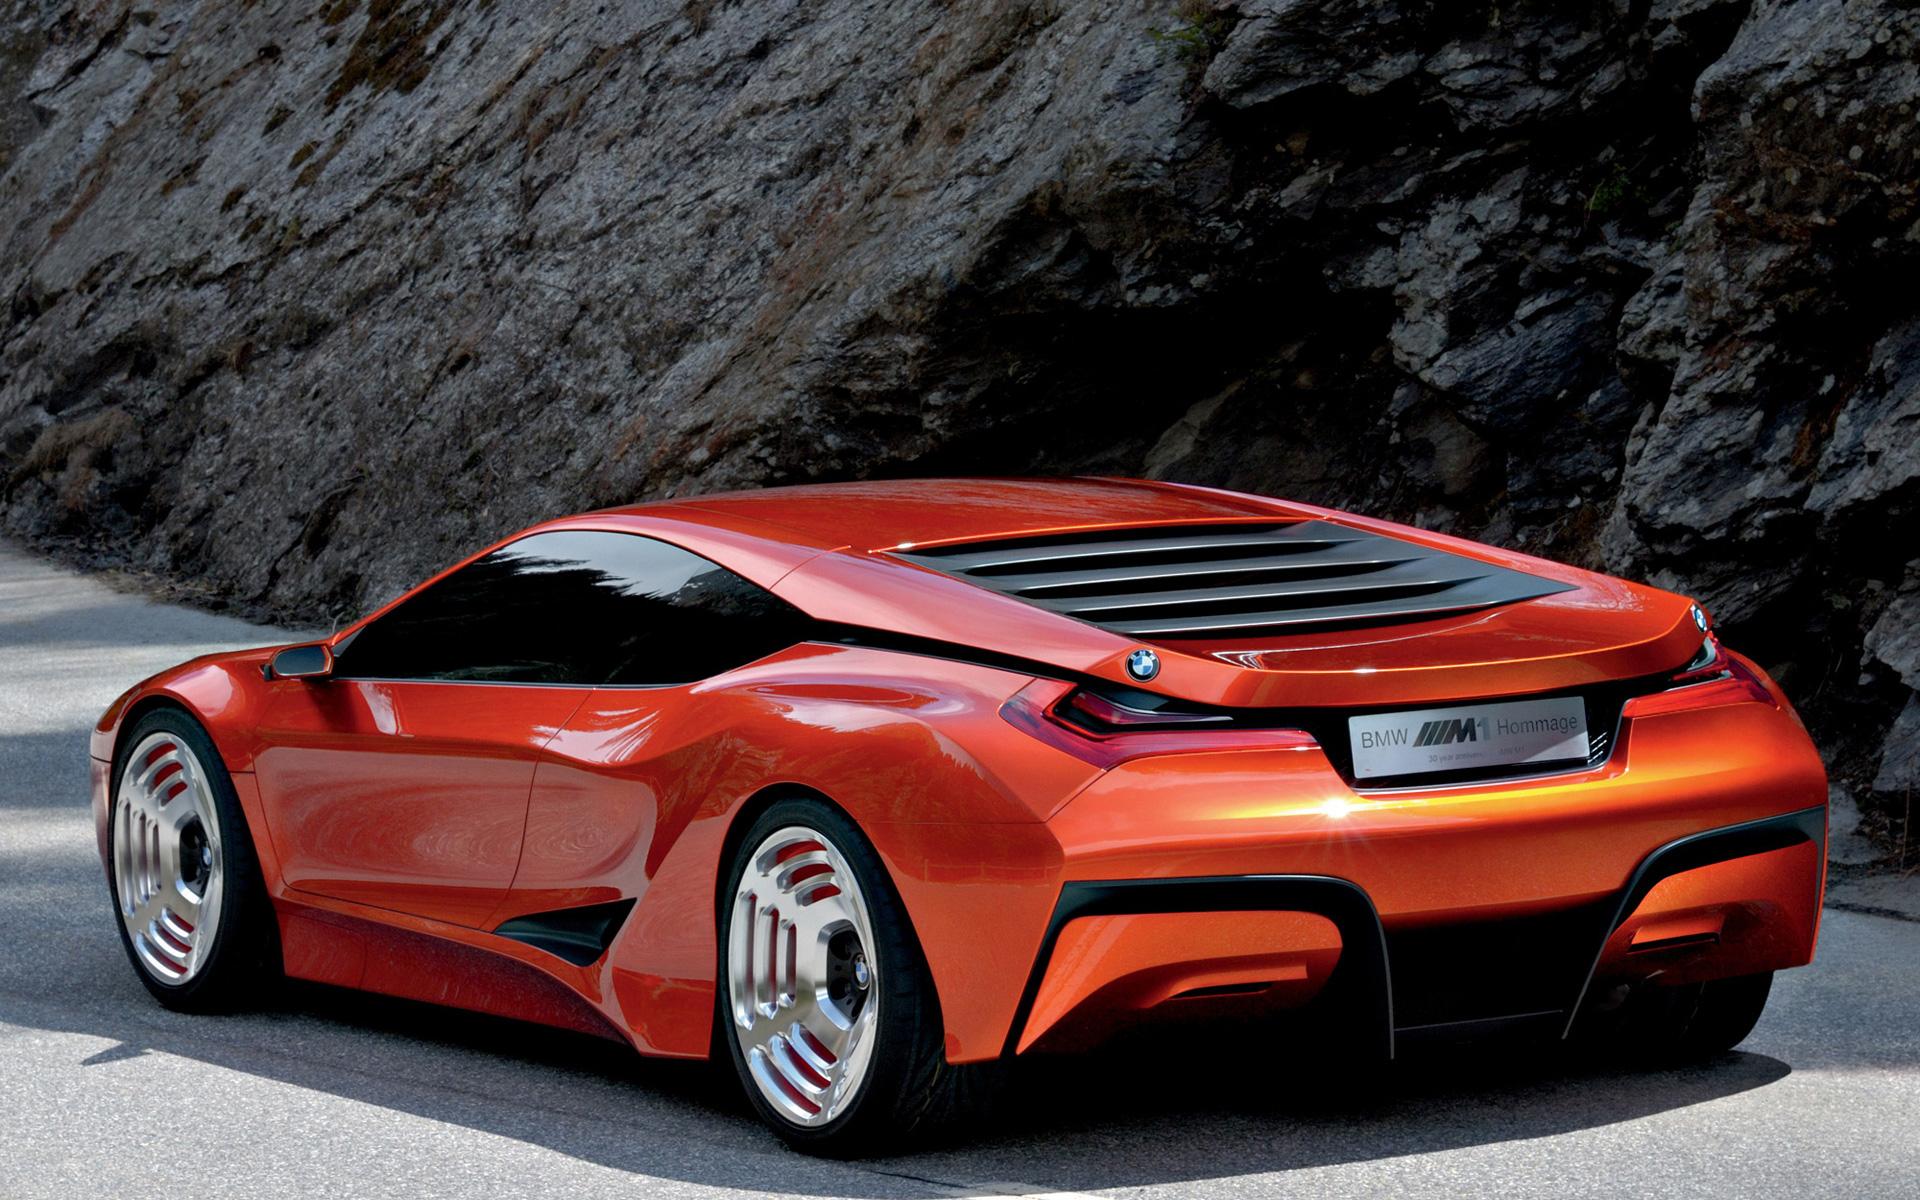 BMW M1 Hommage - Spiritual Precursor to the i8